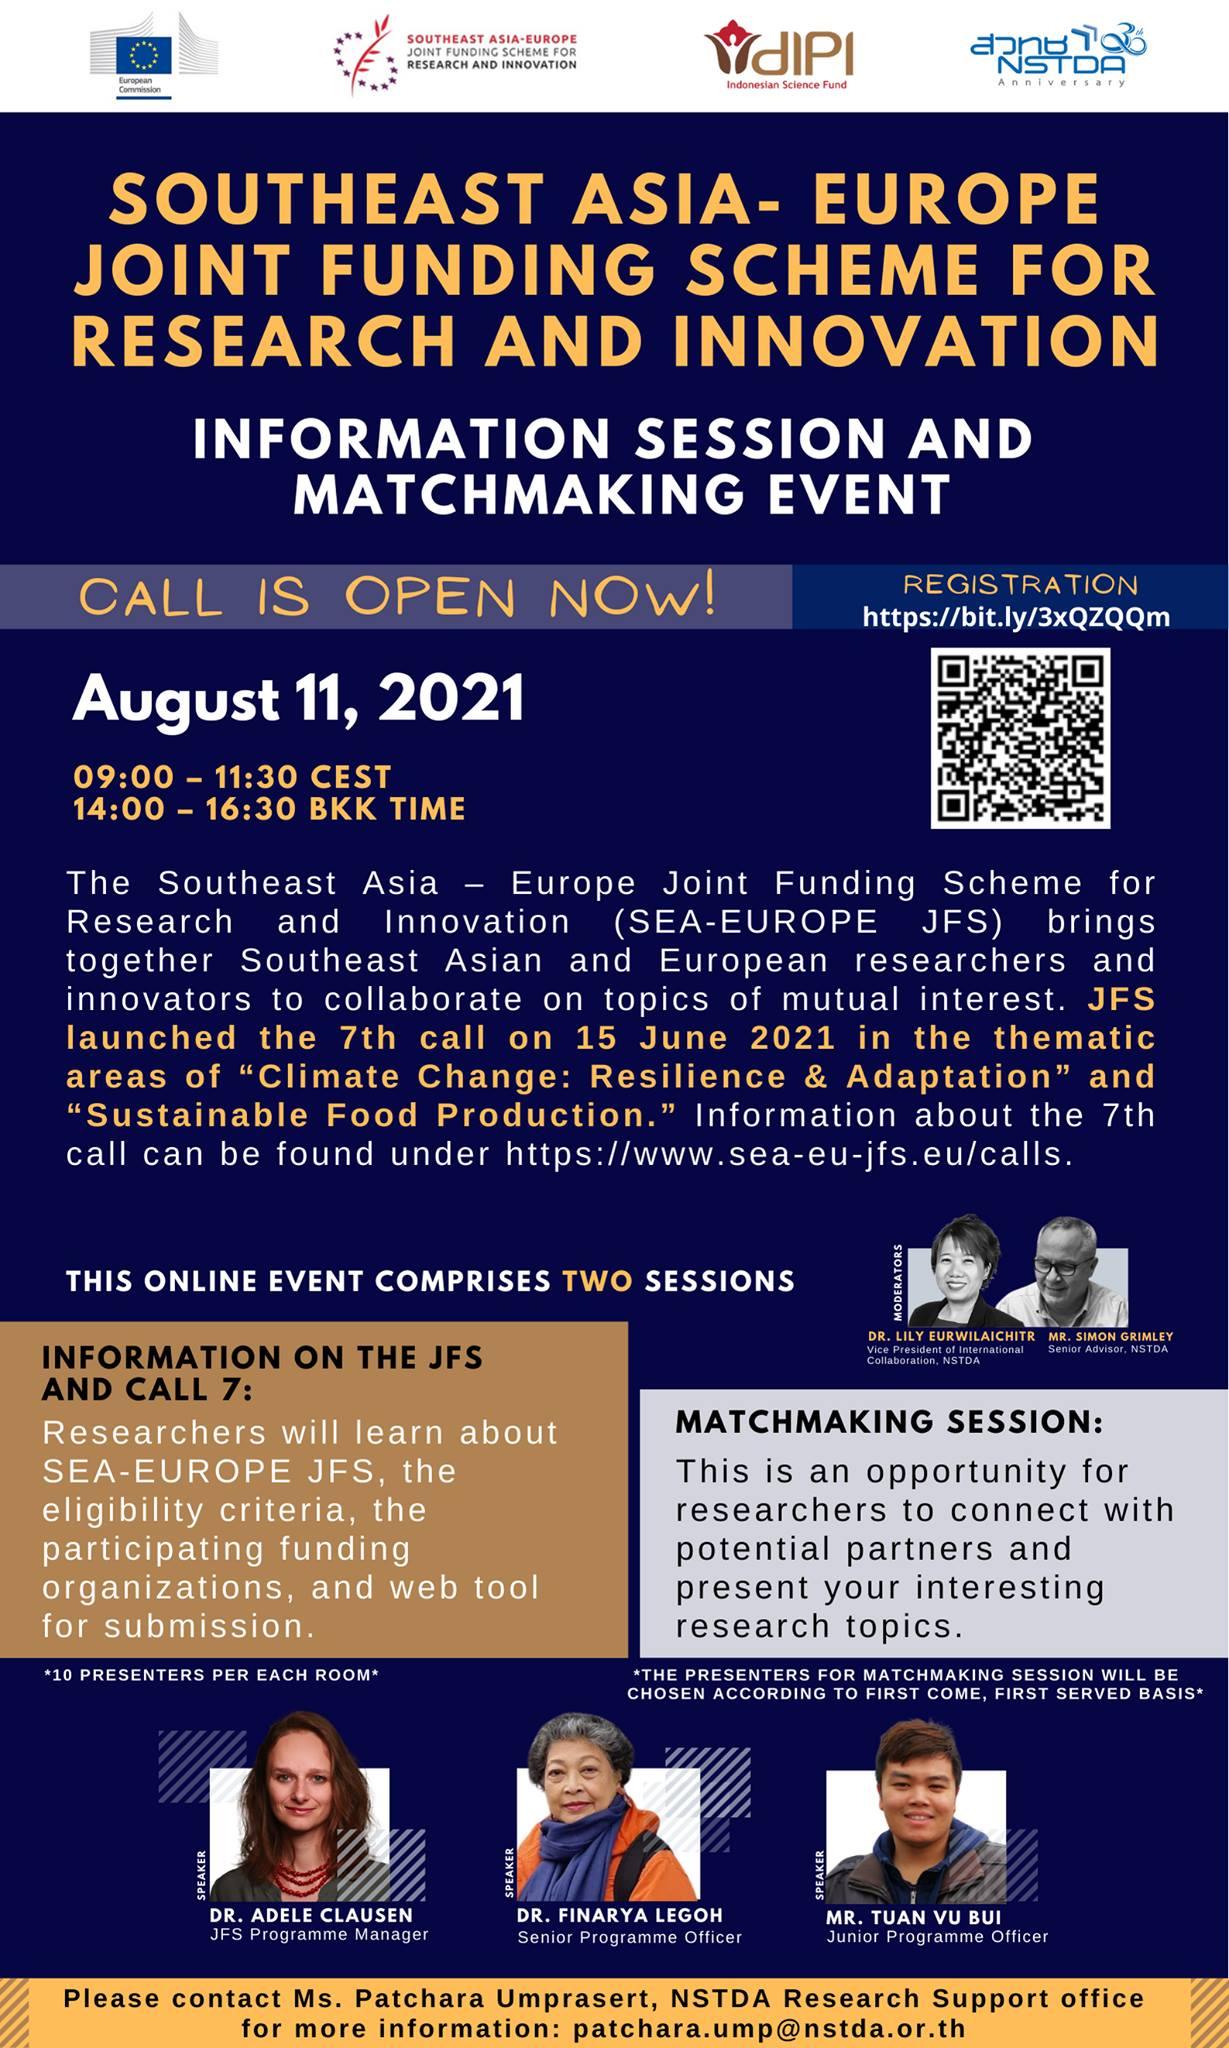 ประชาสัมพันธ์ 7th Joint Call for Proposals: Southeast Asia-Europe Joint Funding Scheme for Research and Innovation (JFS)